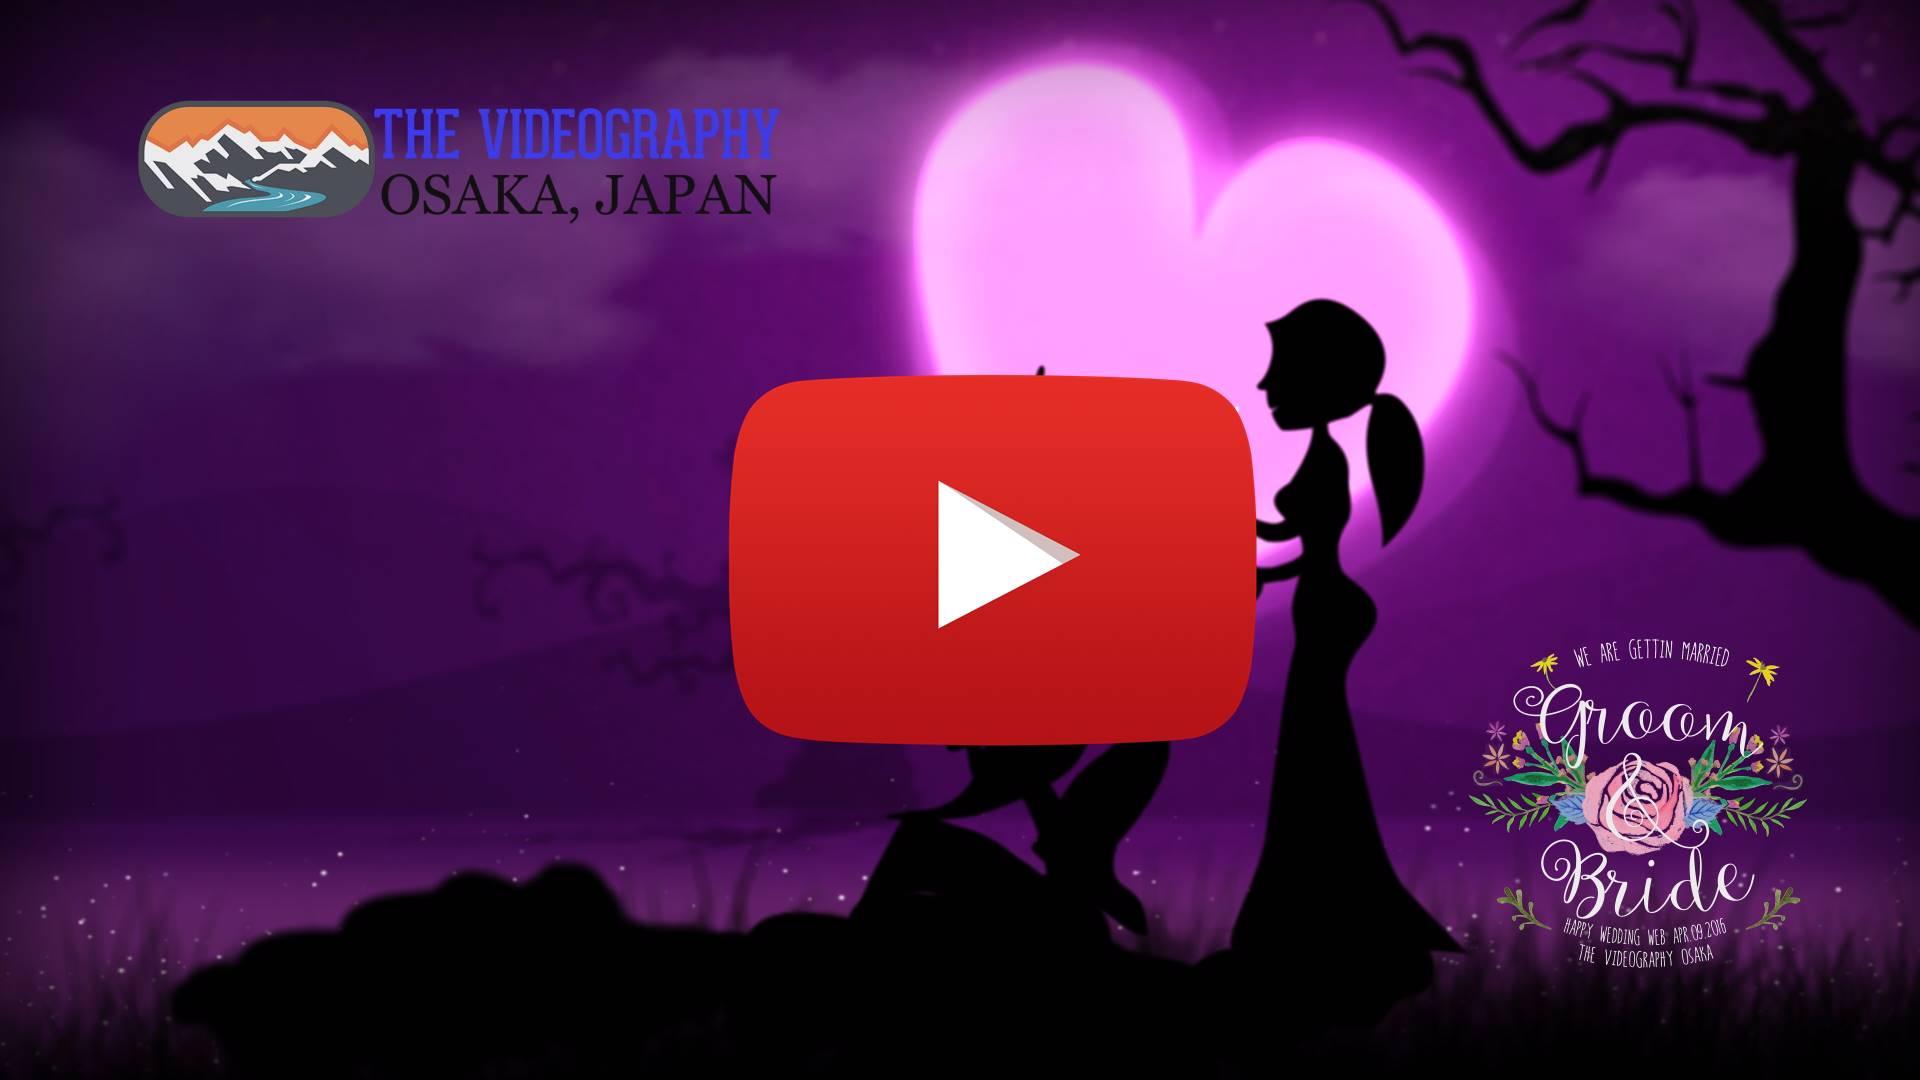 ラブストーリー プロポーズに最適な動画作成